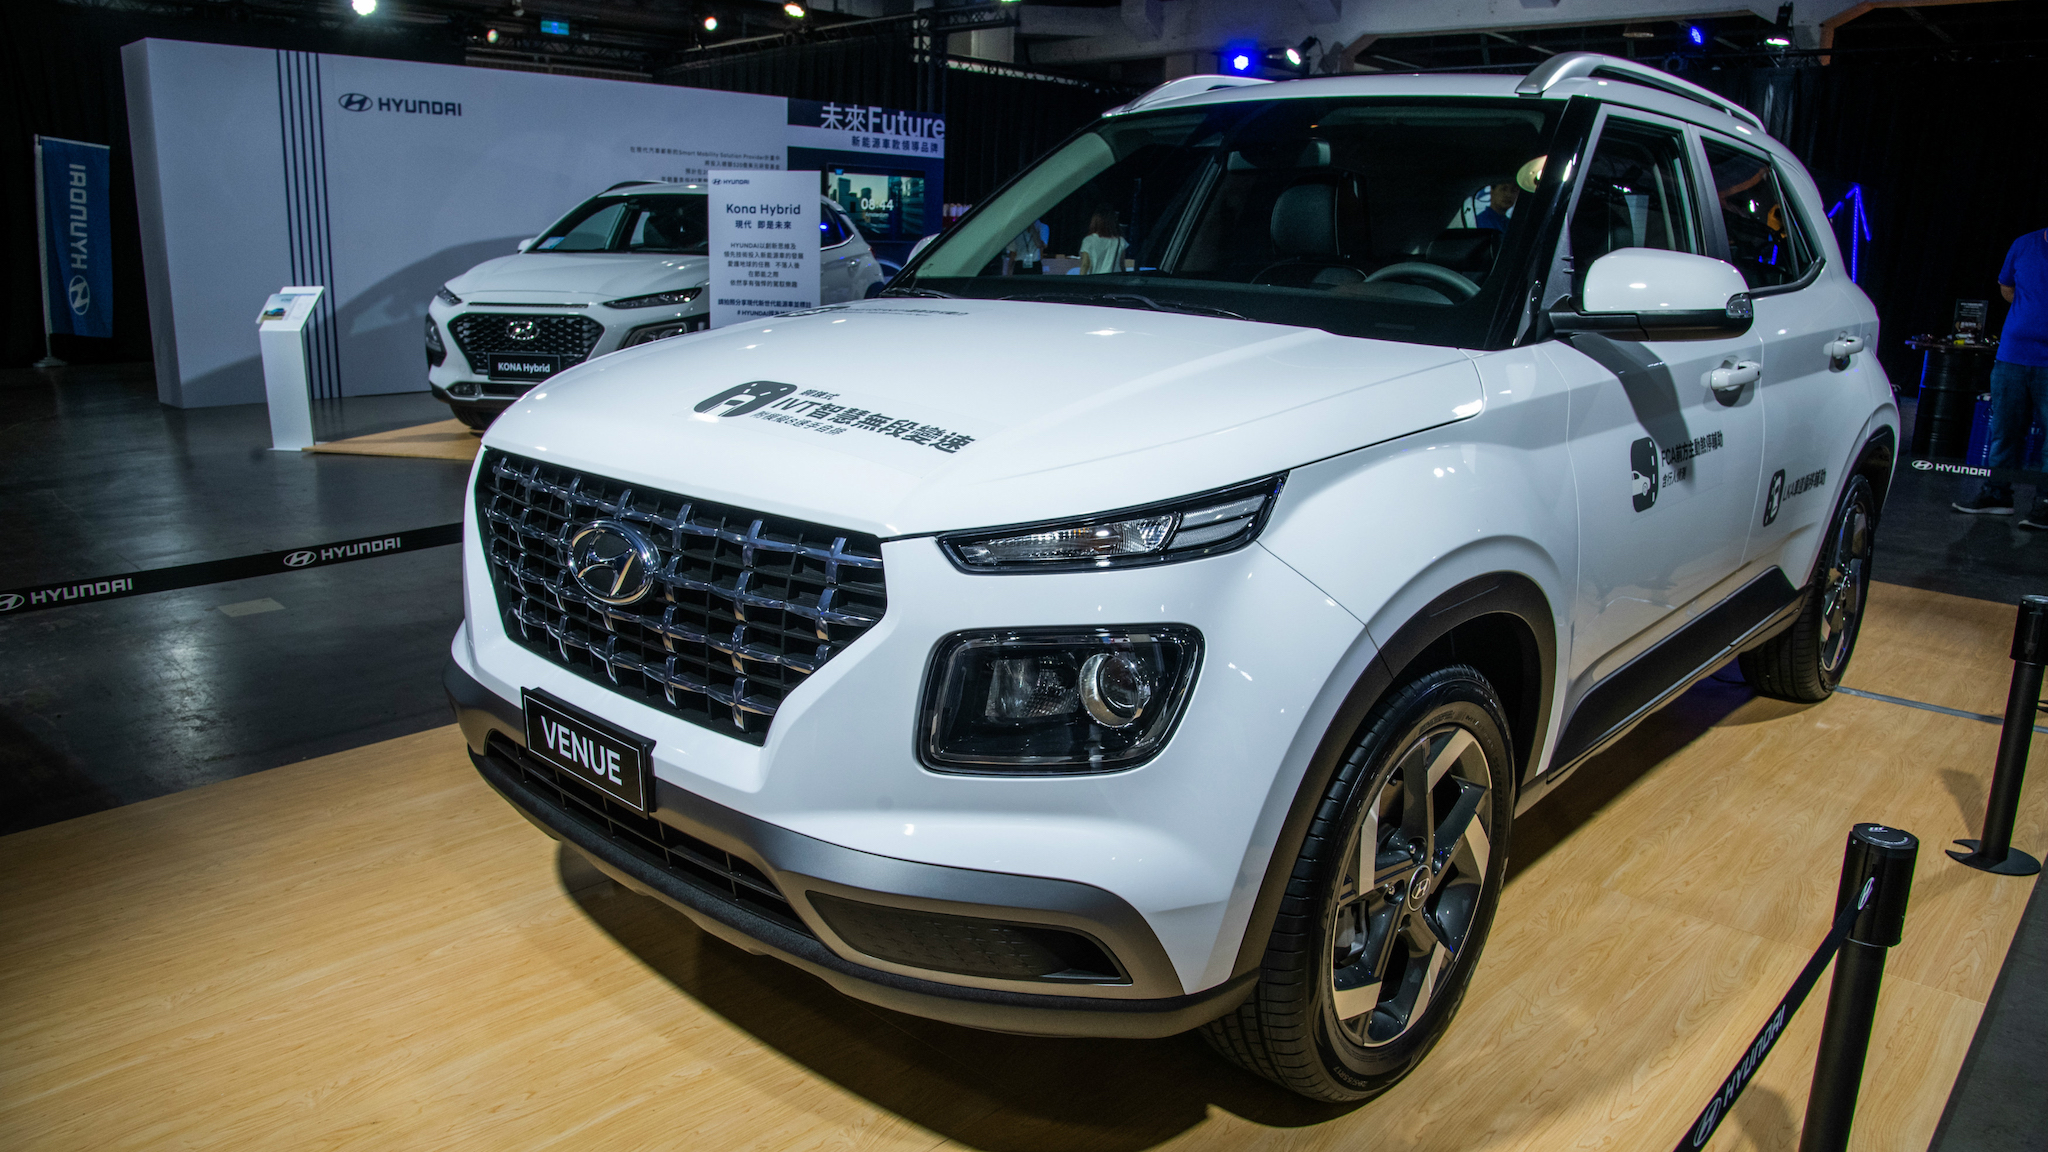 全新 Hyundai Venue 預售超乎預期,67.9 萬起即刻入主送好禮